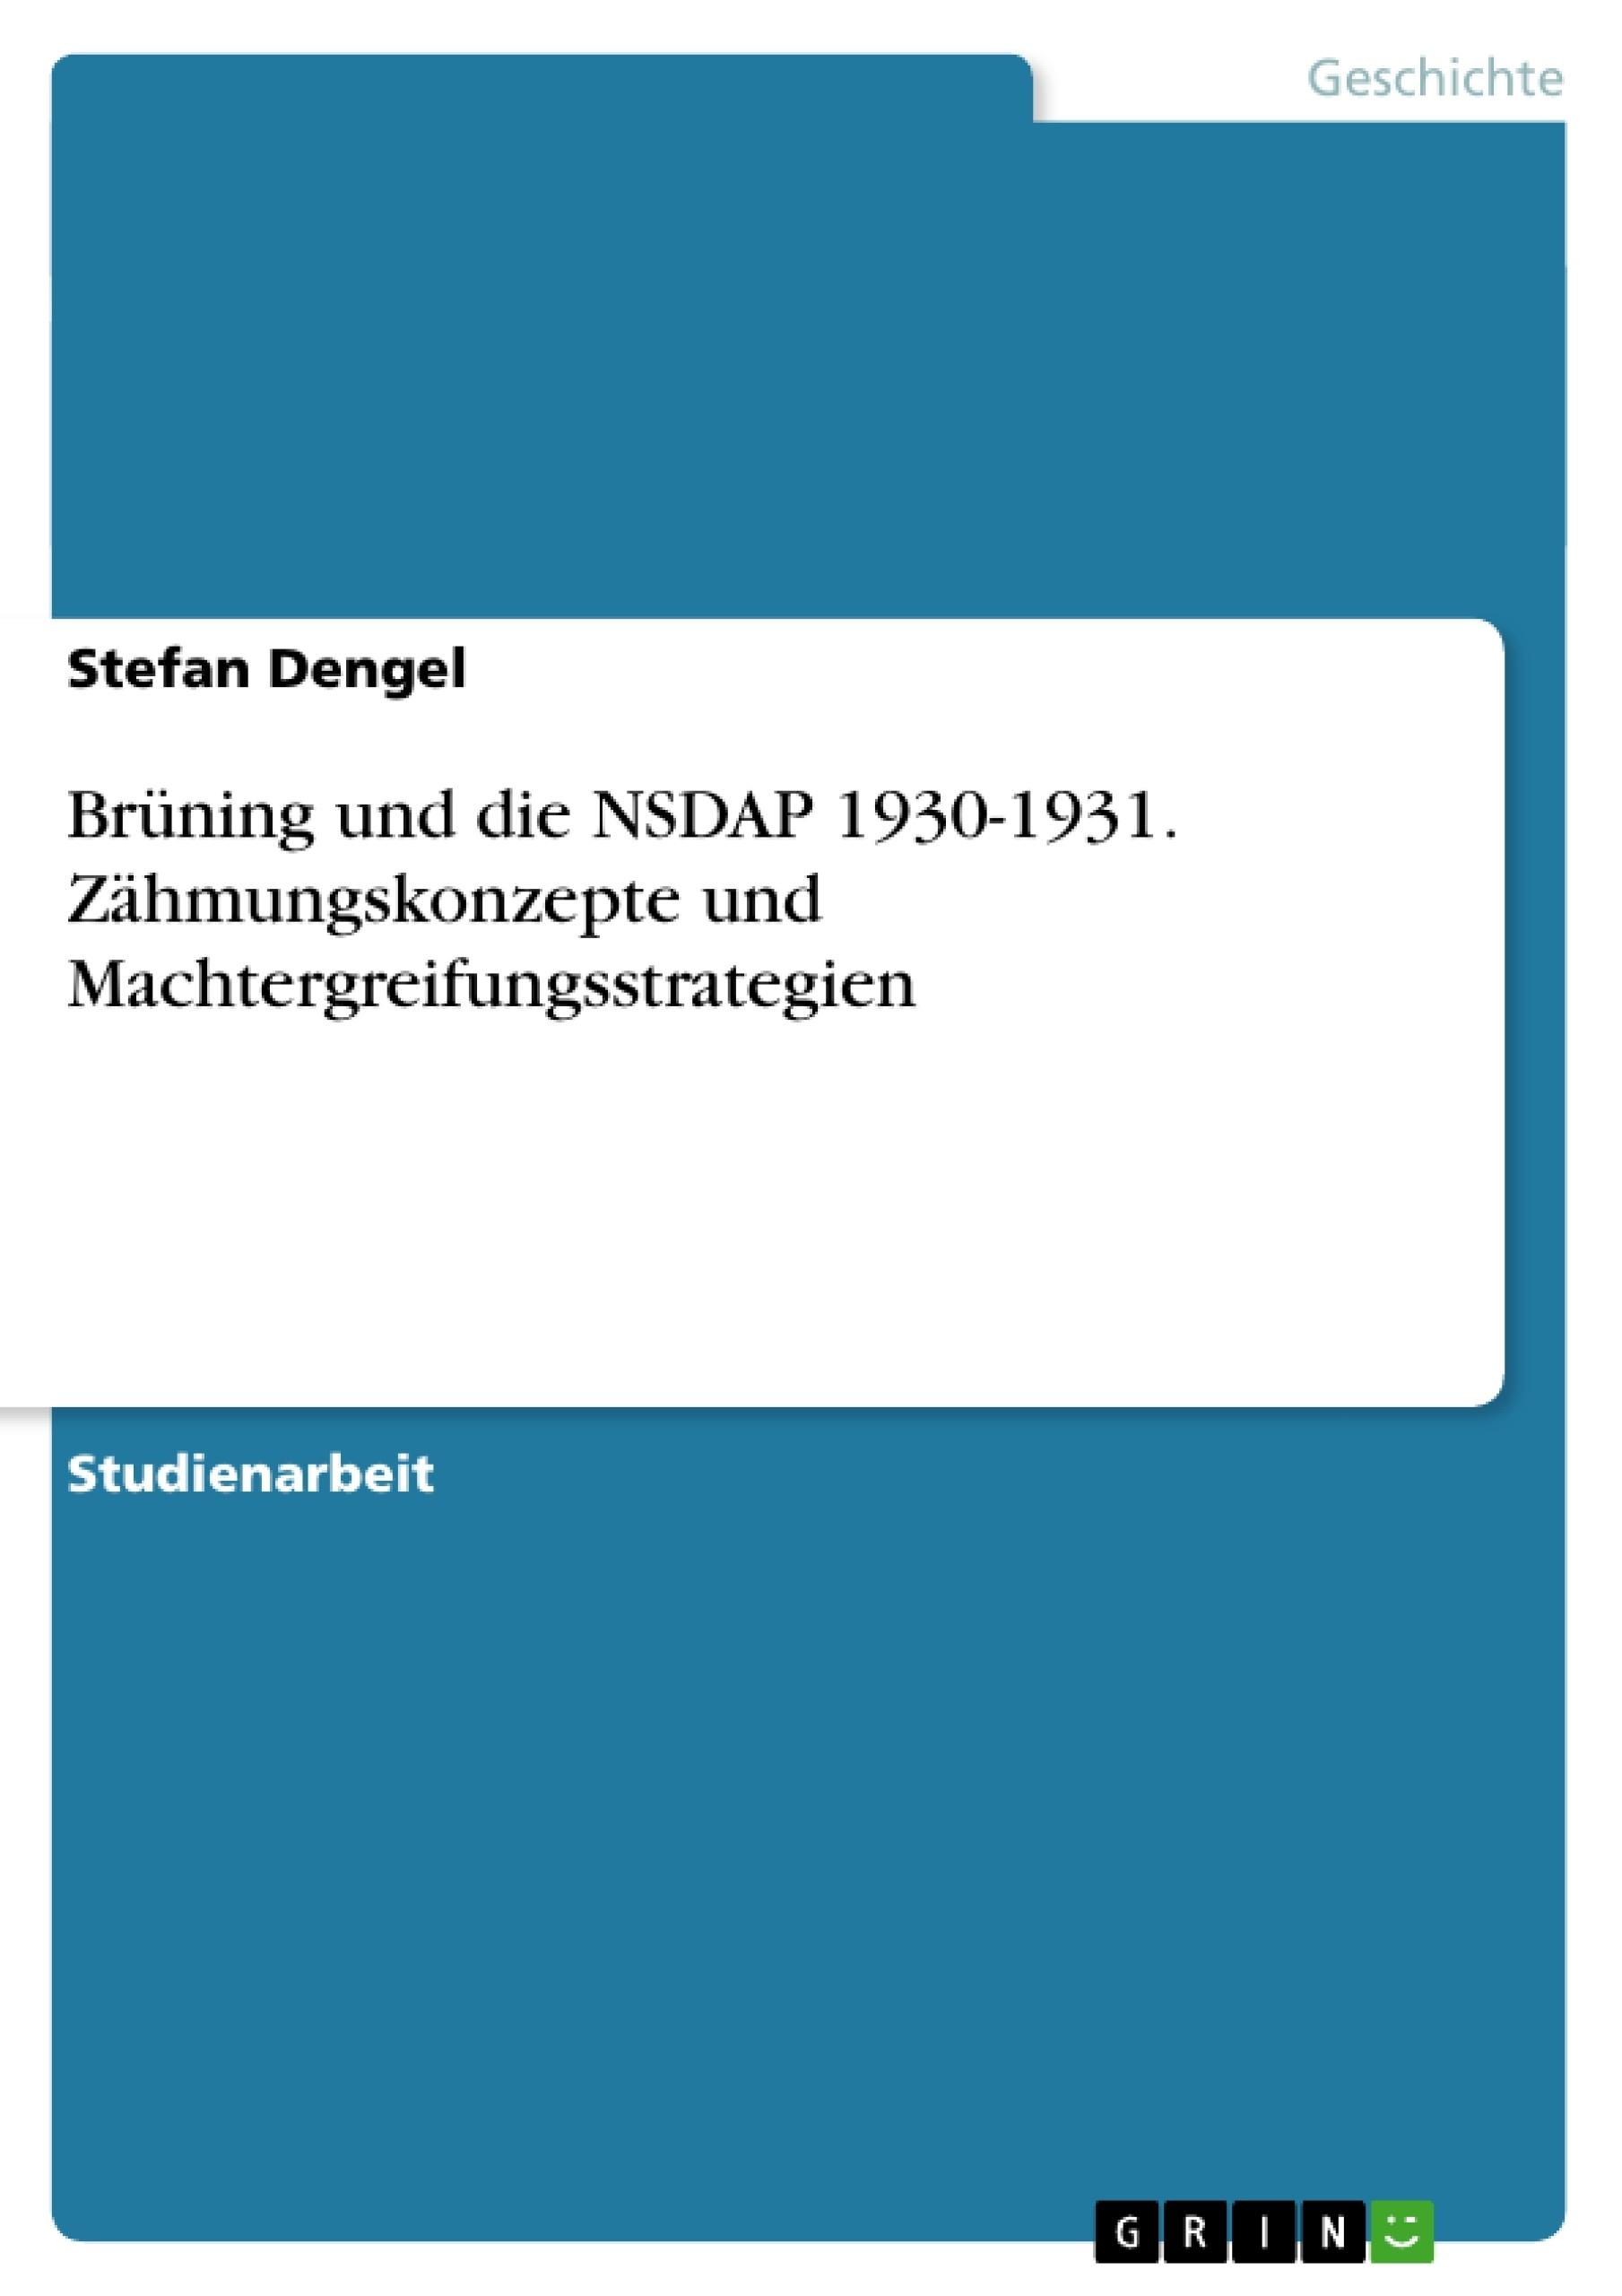 Titel: Brüning und die NSDAP 1930-1931. Zähmungskonzepte und Machtergreifungsstrategien